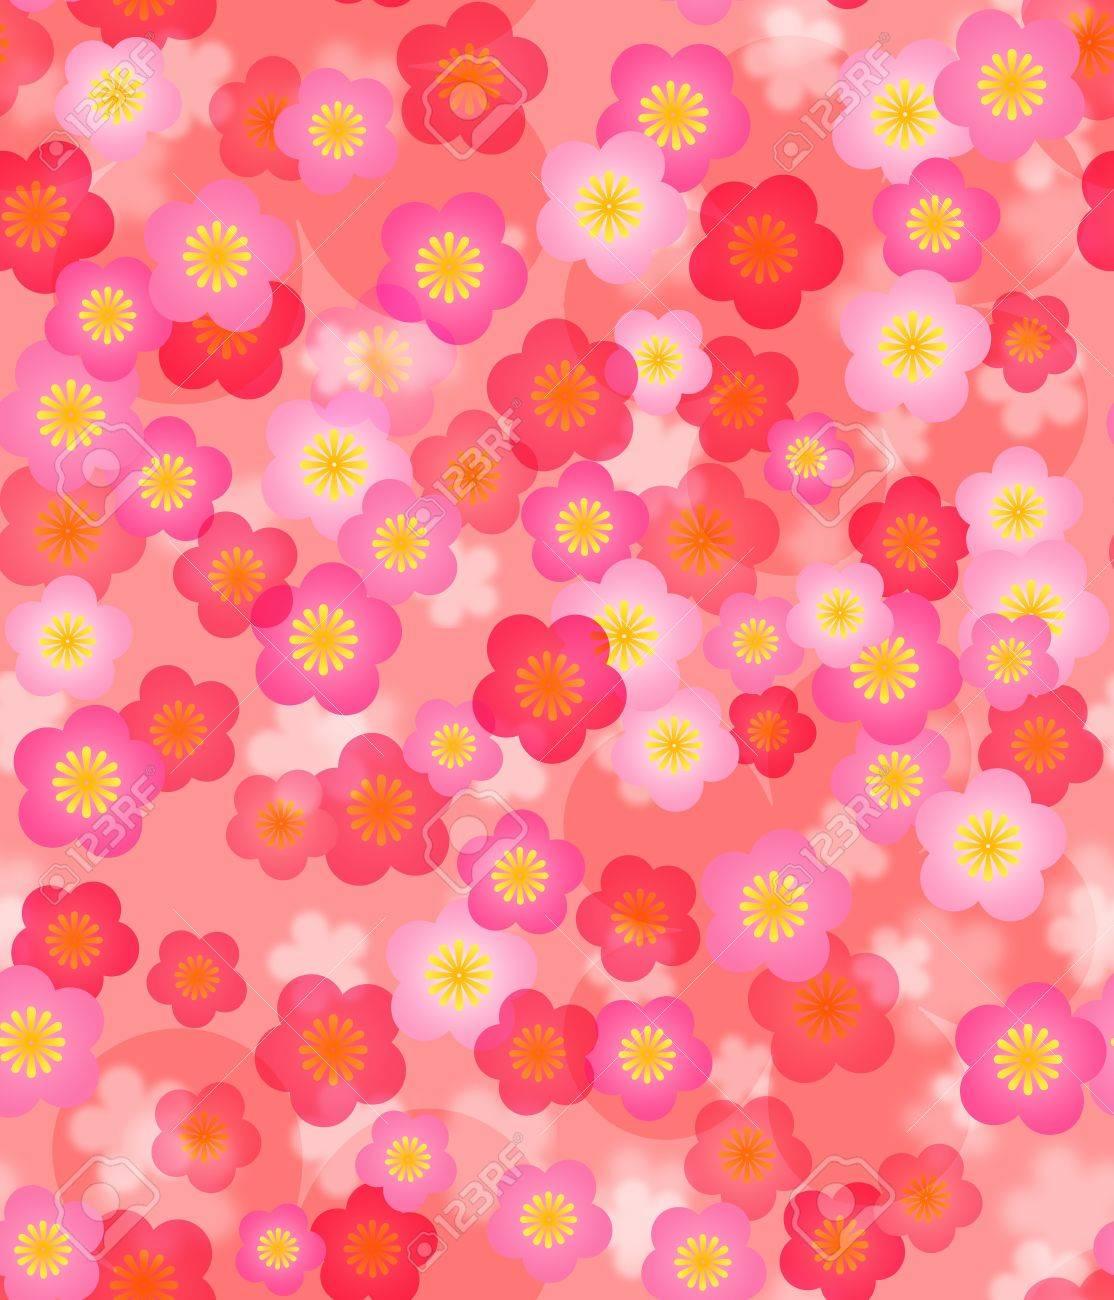 春の時間桜シームレスなタイル パターン背景イラスト ロイヤリティー